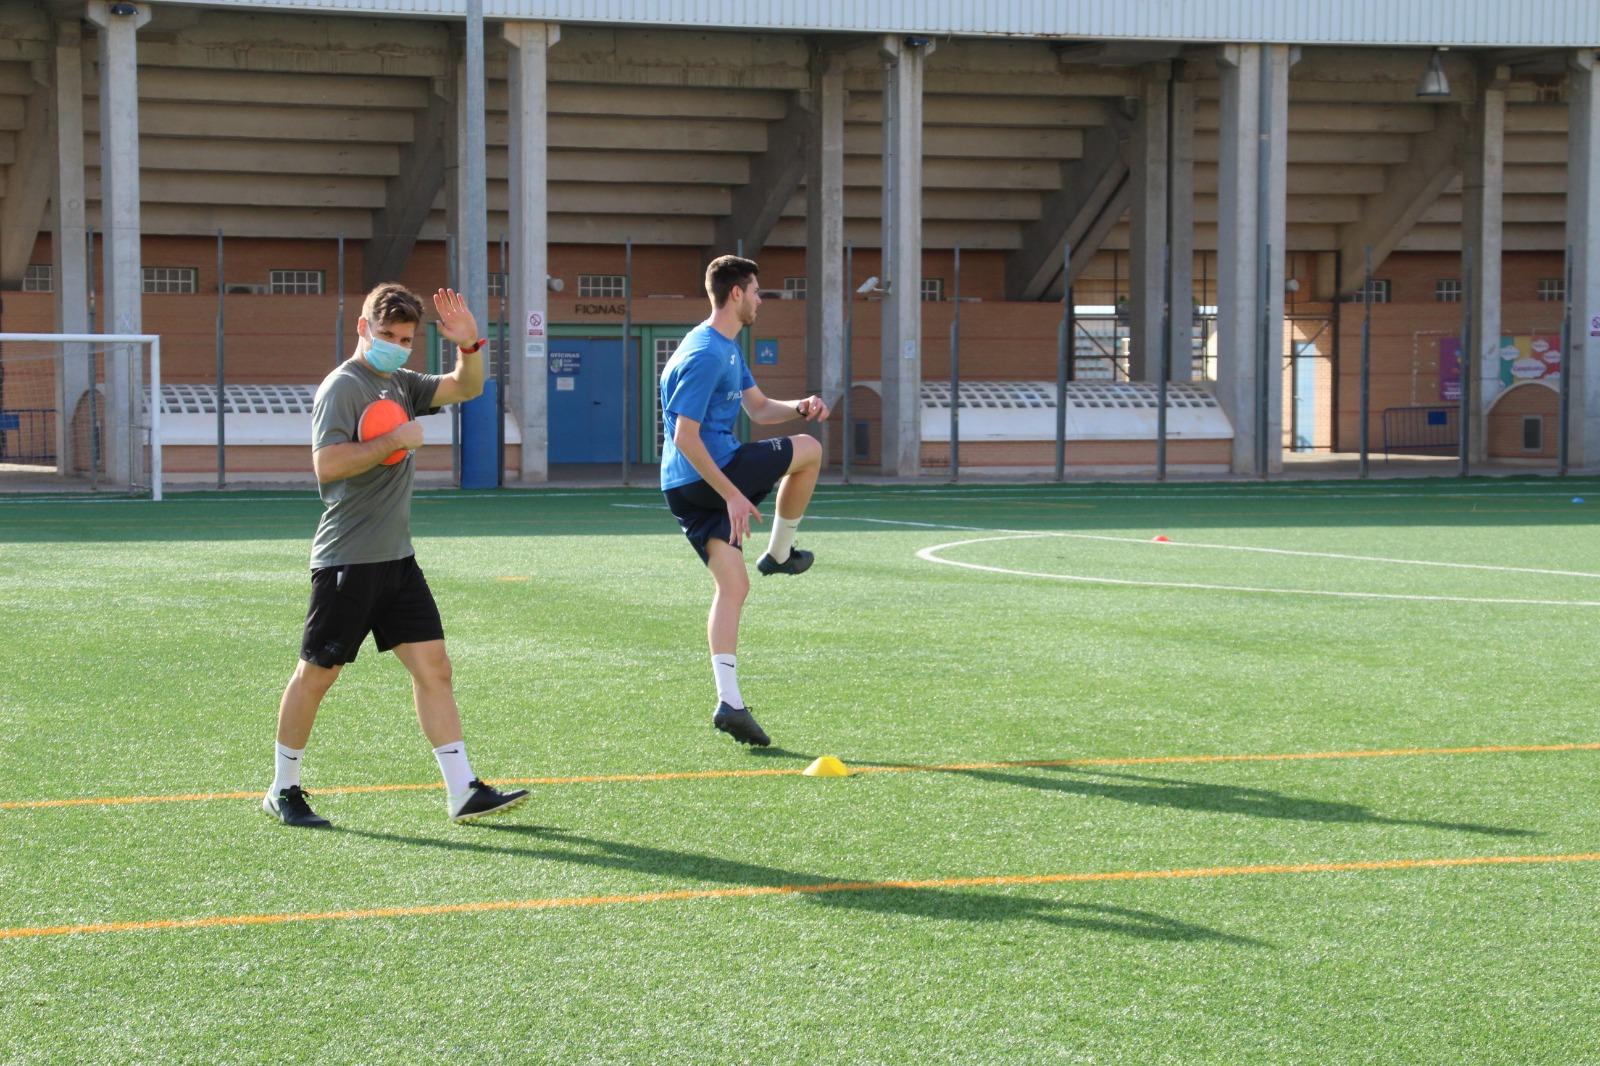 Cuatro jugadores del filial se unen a los entrenamientos del CD El Ejido